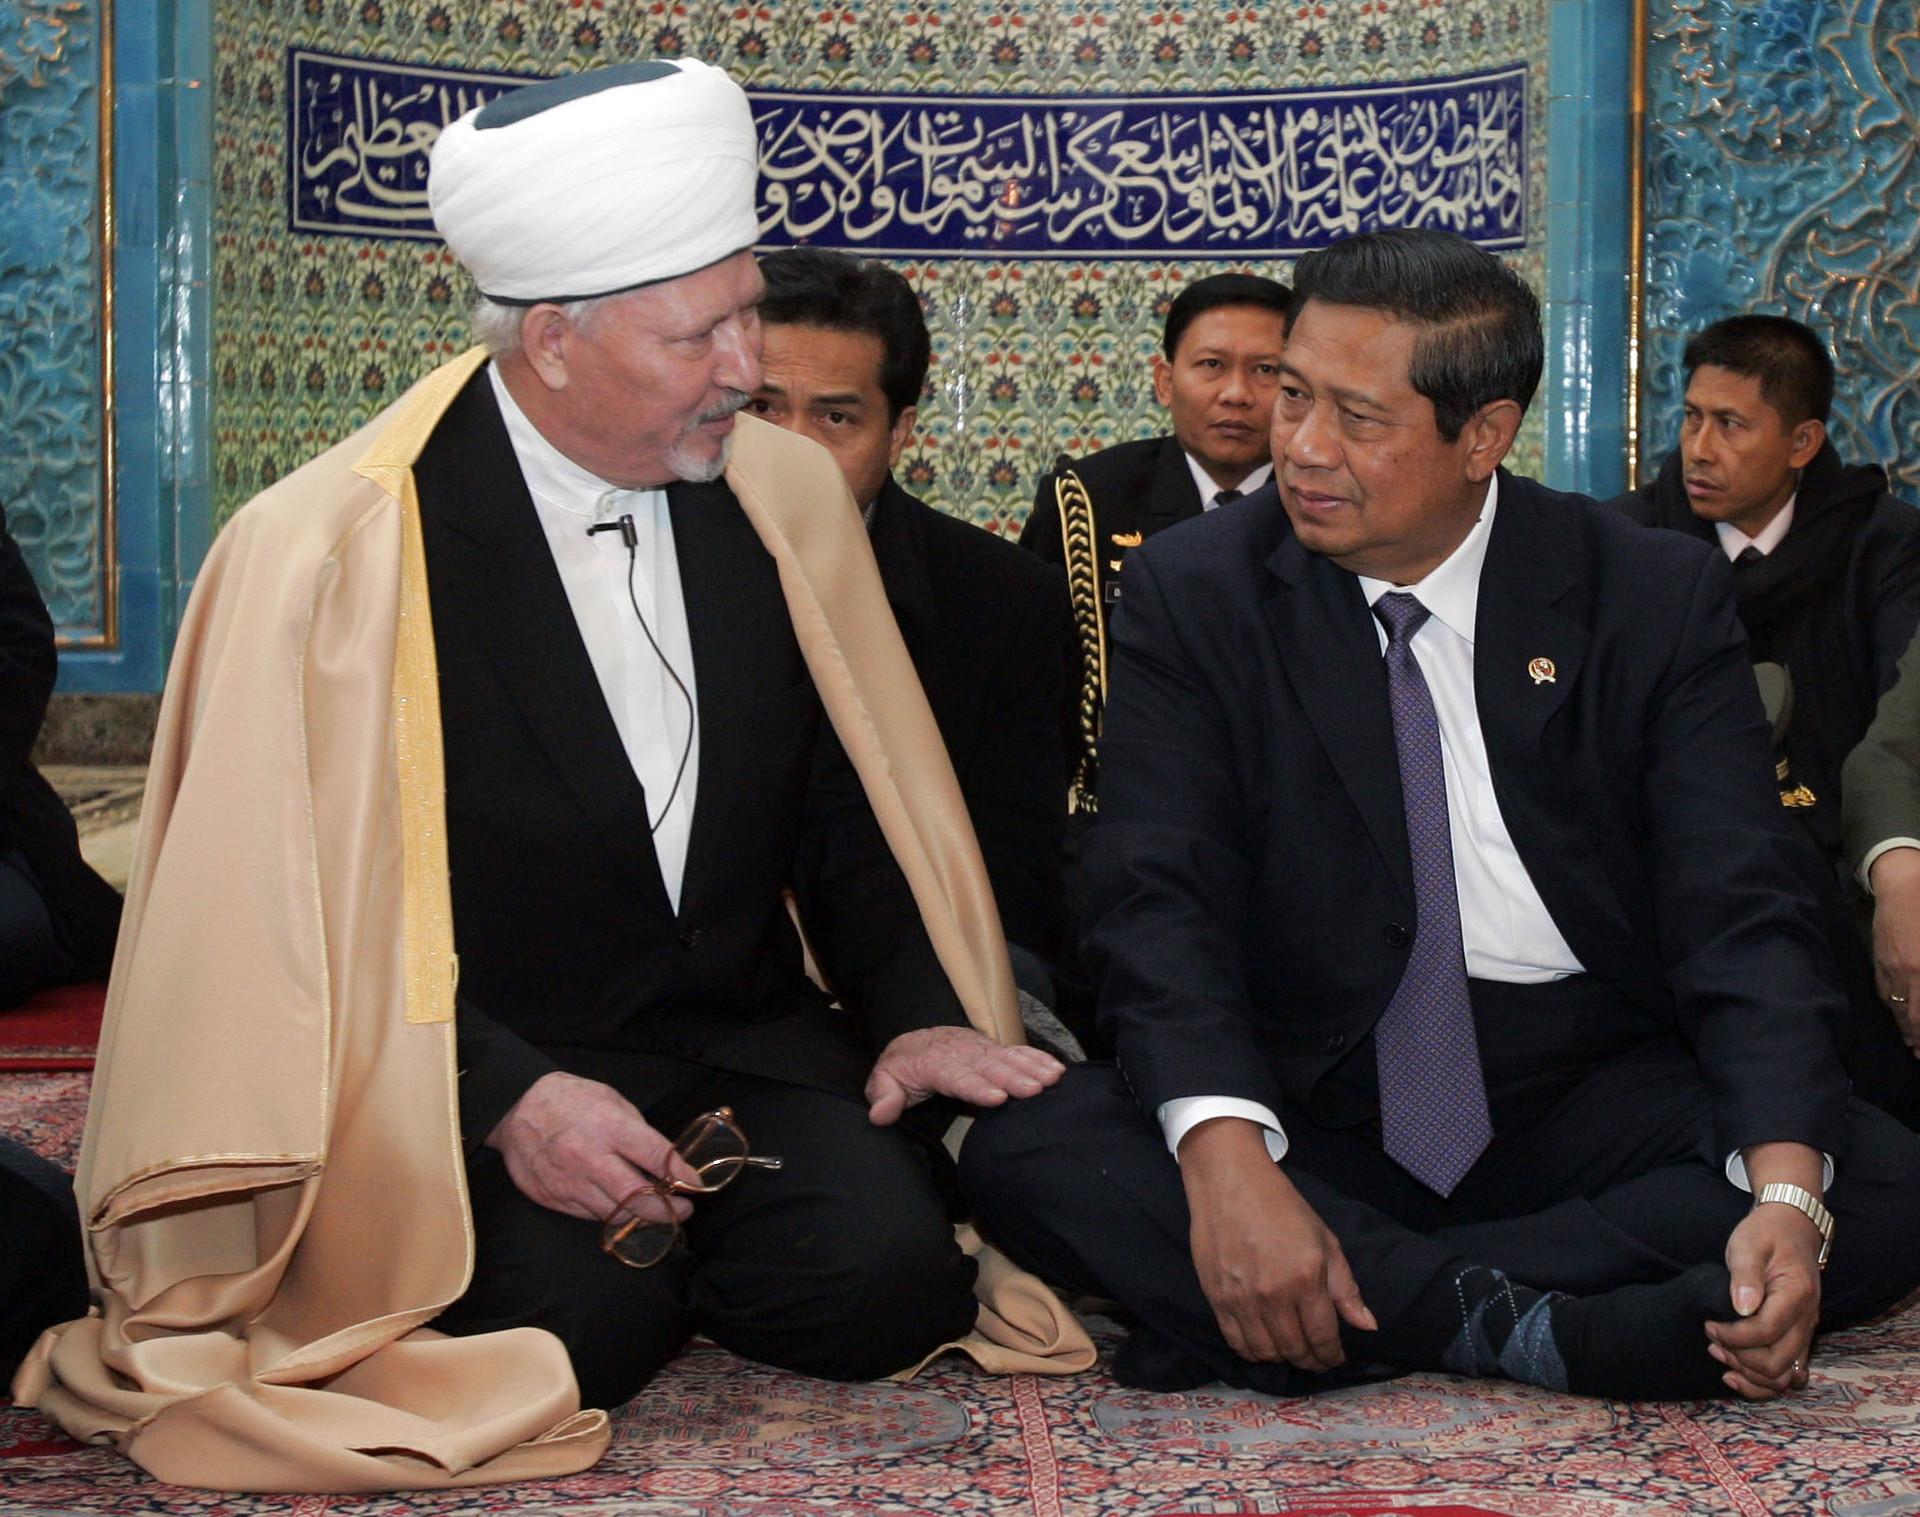 Presiden RI Susilo Bambang Yudhoyono (kanan) mendengarkan Mufti Besar Sankt Peterburg Zhafar Ponchaev saat berkunjung ke Masjid Sankt Peterburg, Rusia, 30 November 2006.